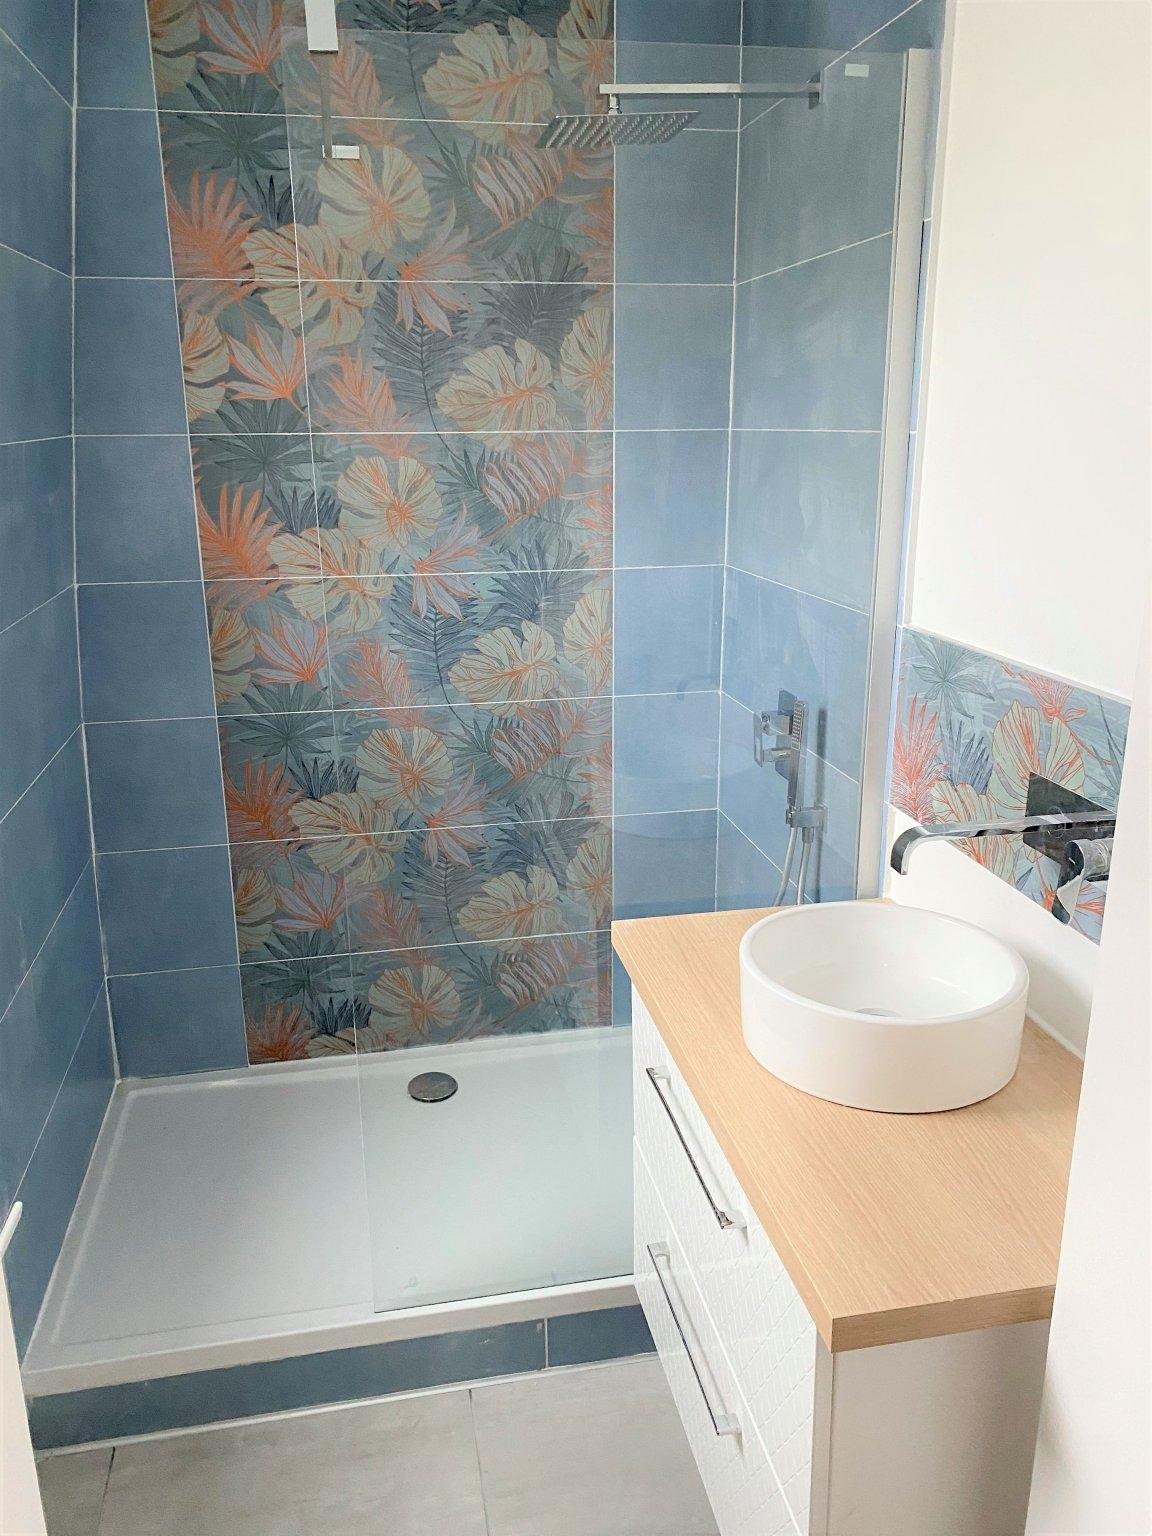 Appartement Reims 2 Pièces 50 m2 - 4